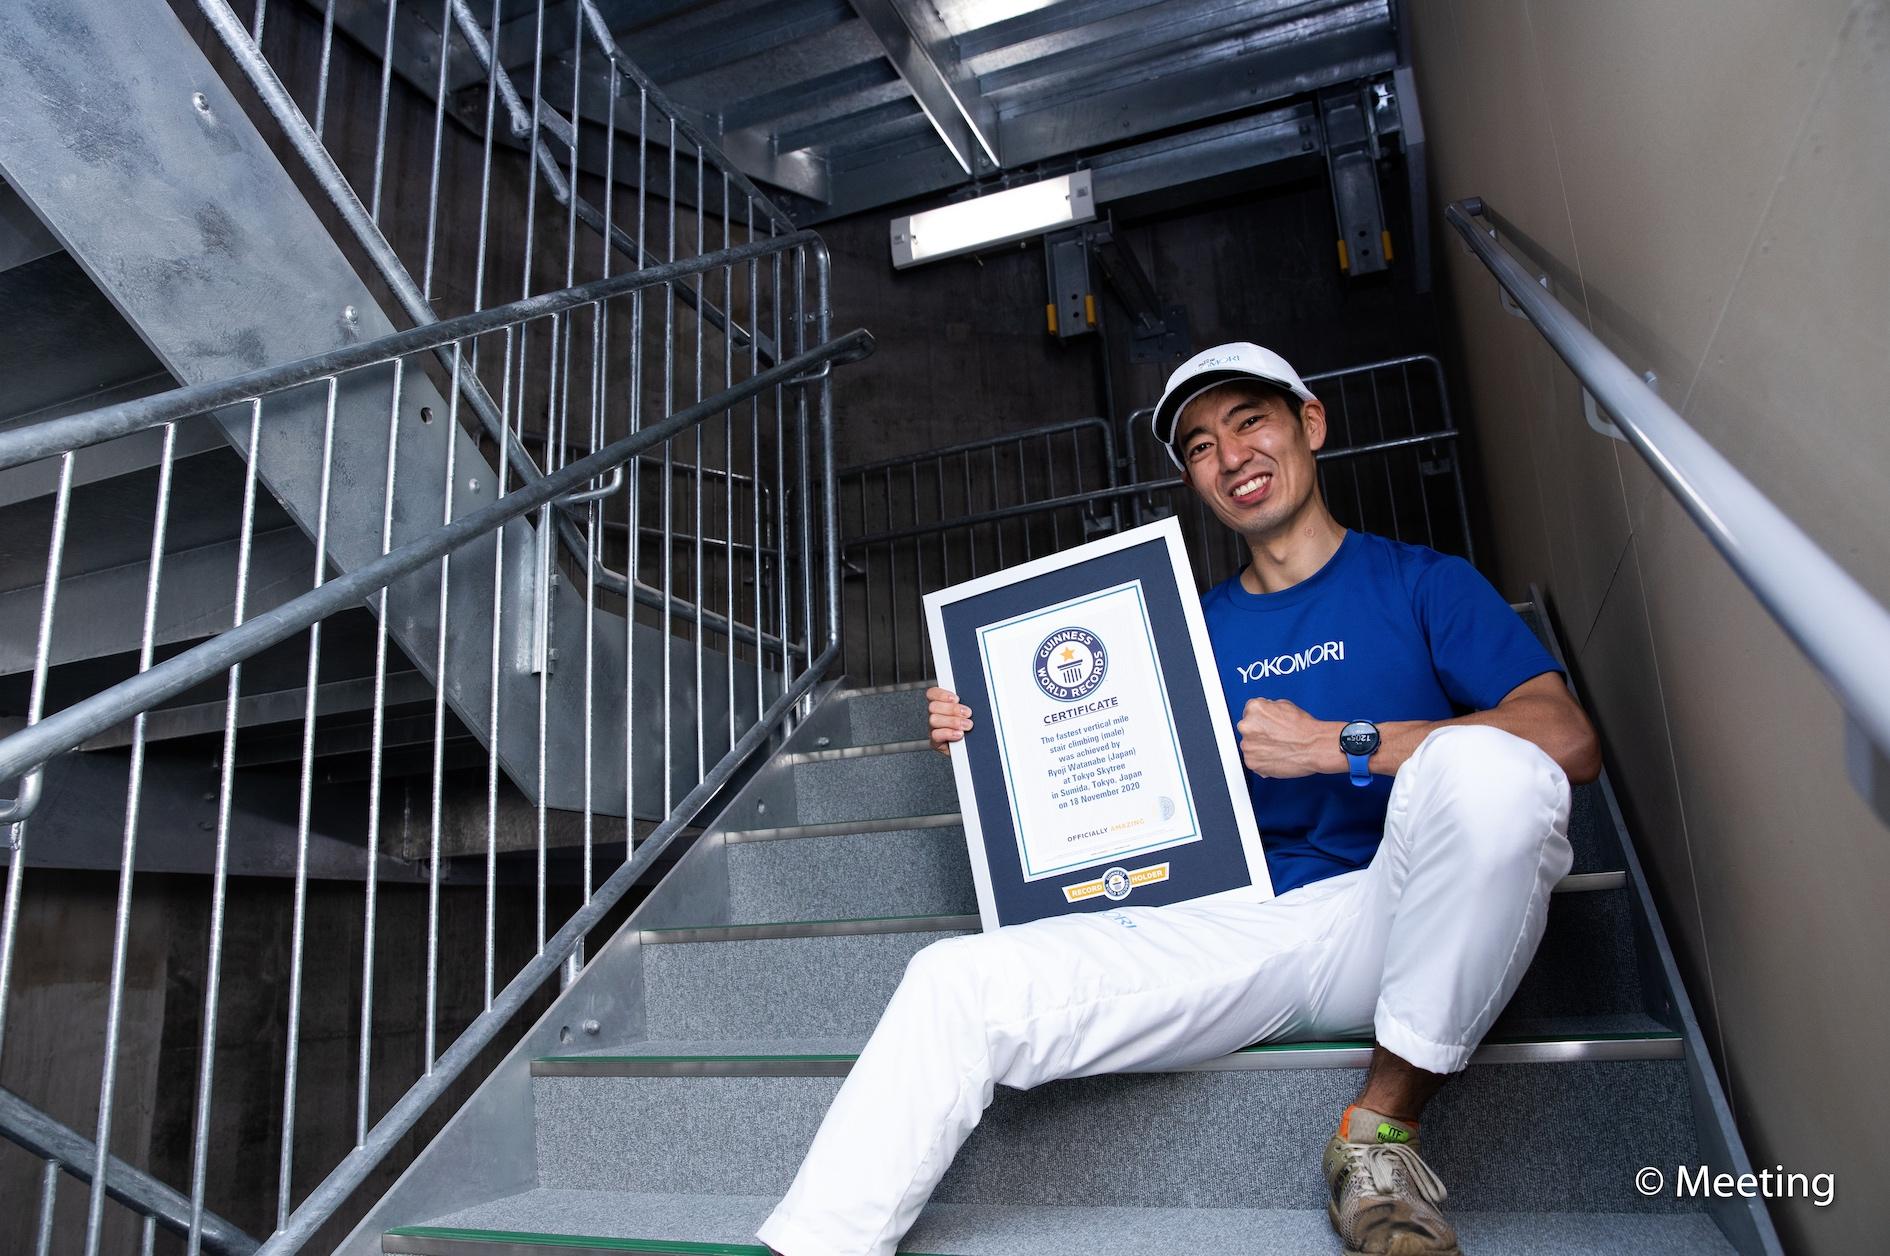 渡辺良治さんがギネス世界記録™を達成しました